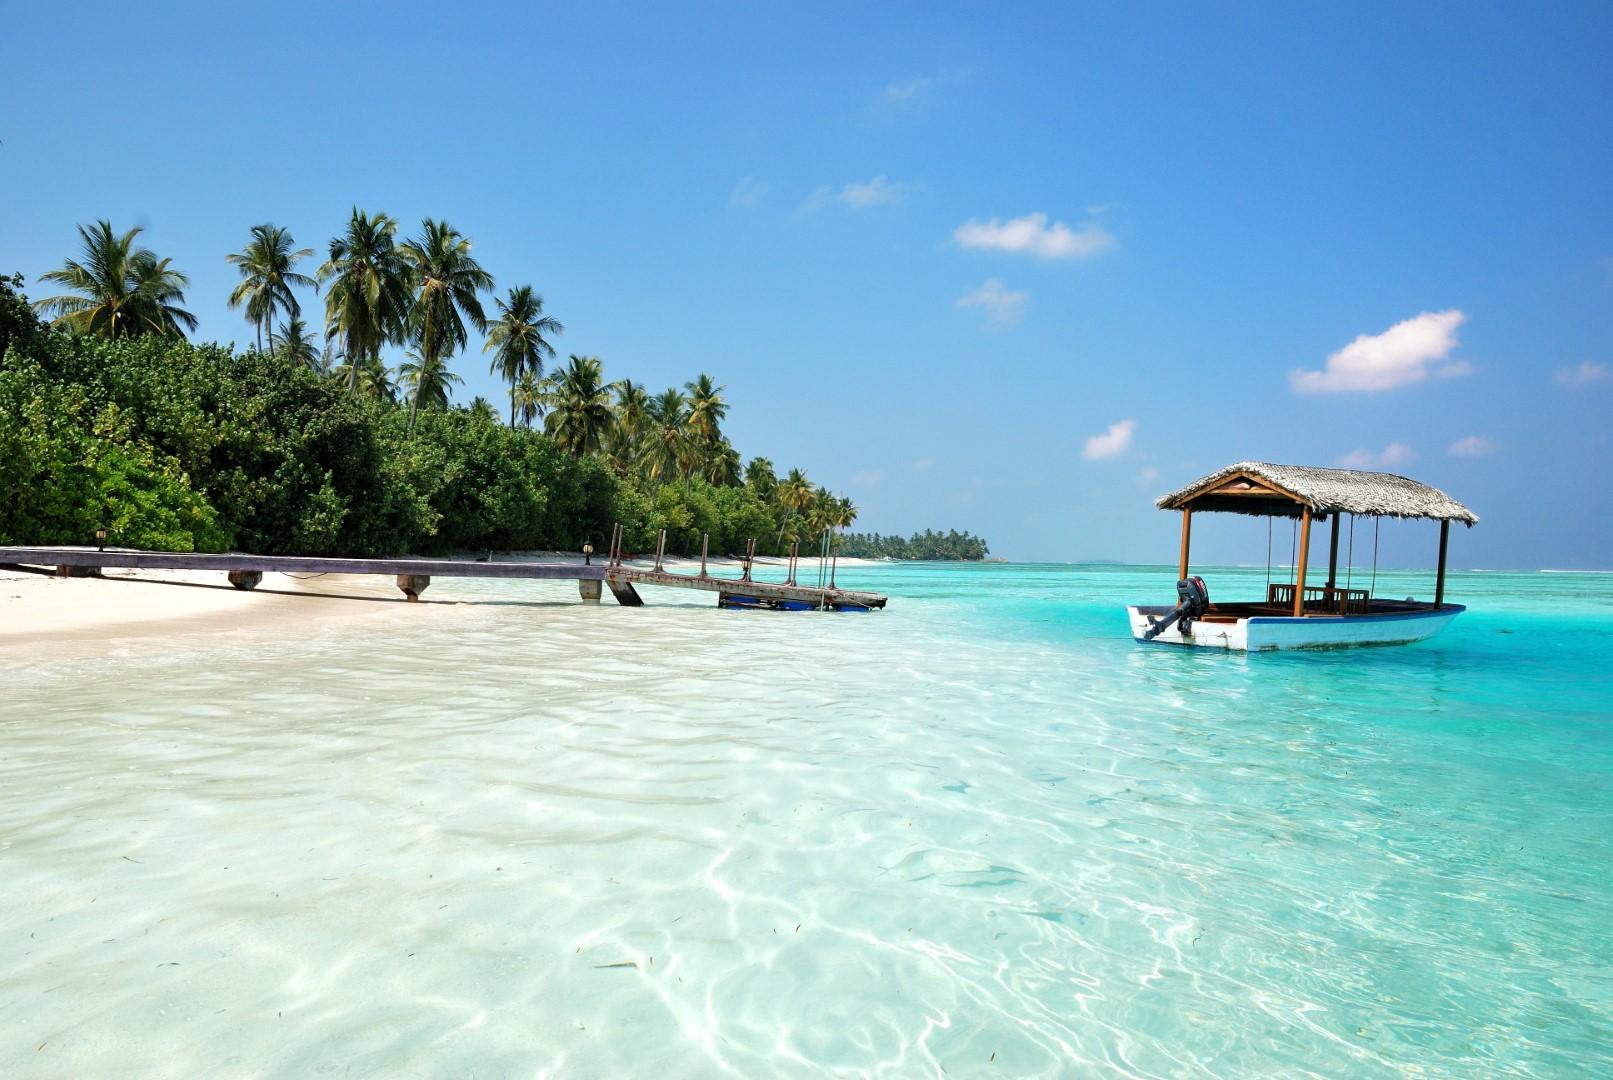 Flug-Deal: Auf die Malediven für 549 Euro mit Kind und Gepäck (Februrar – März 2020)